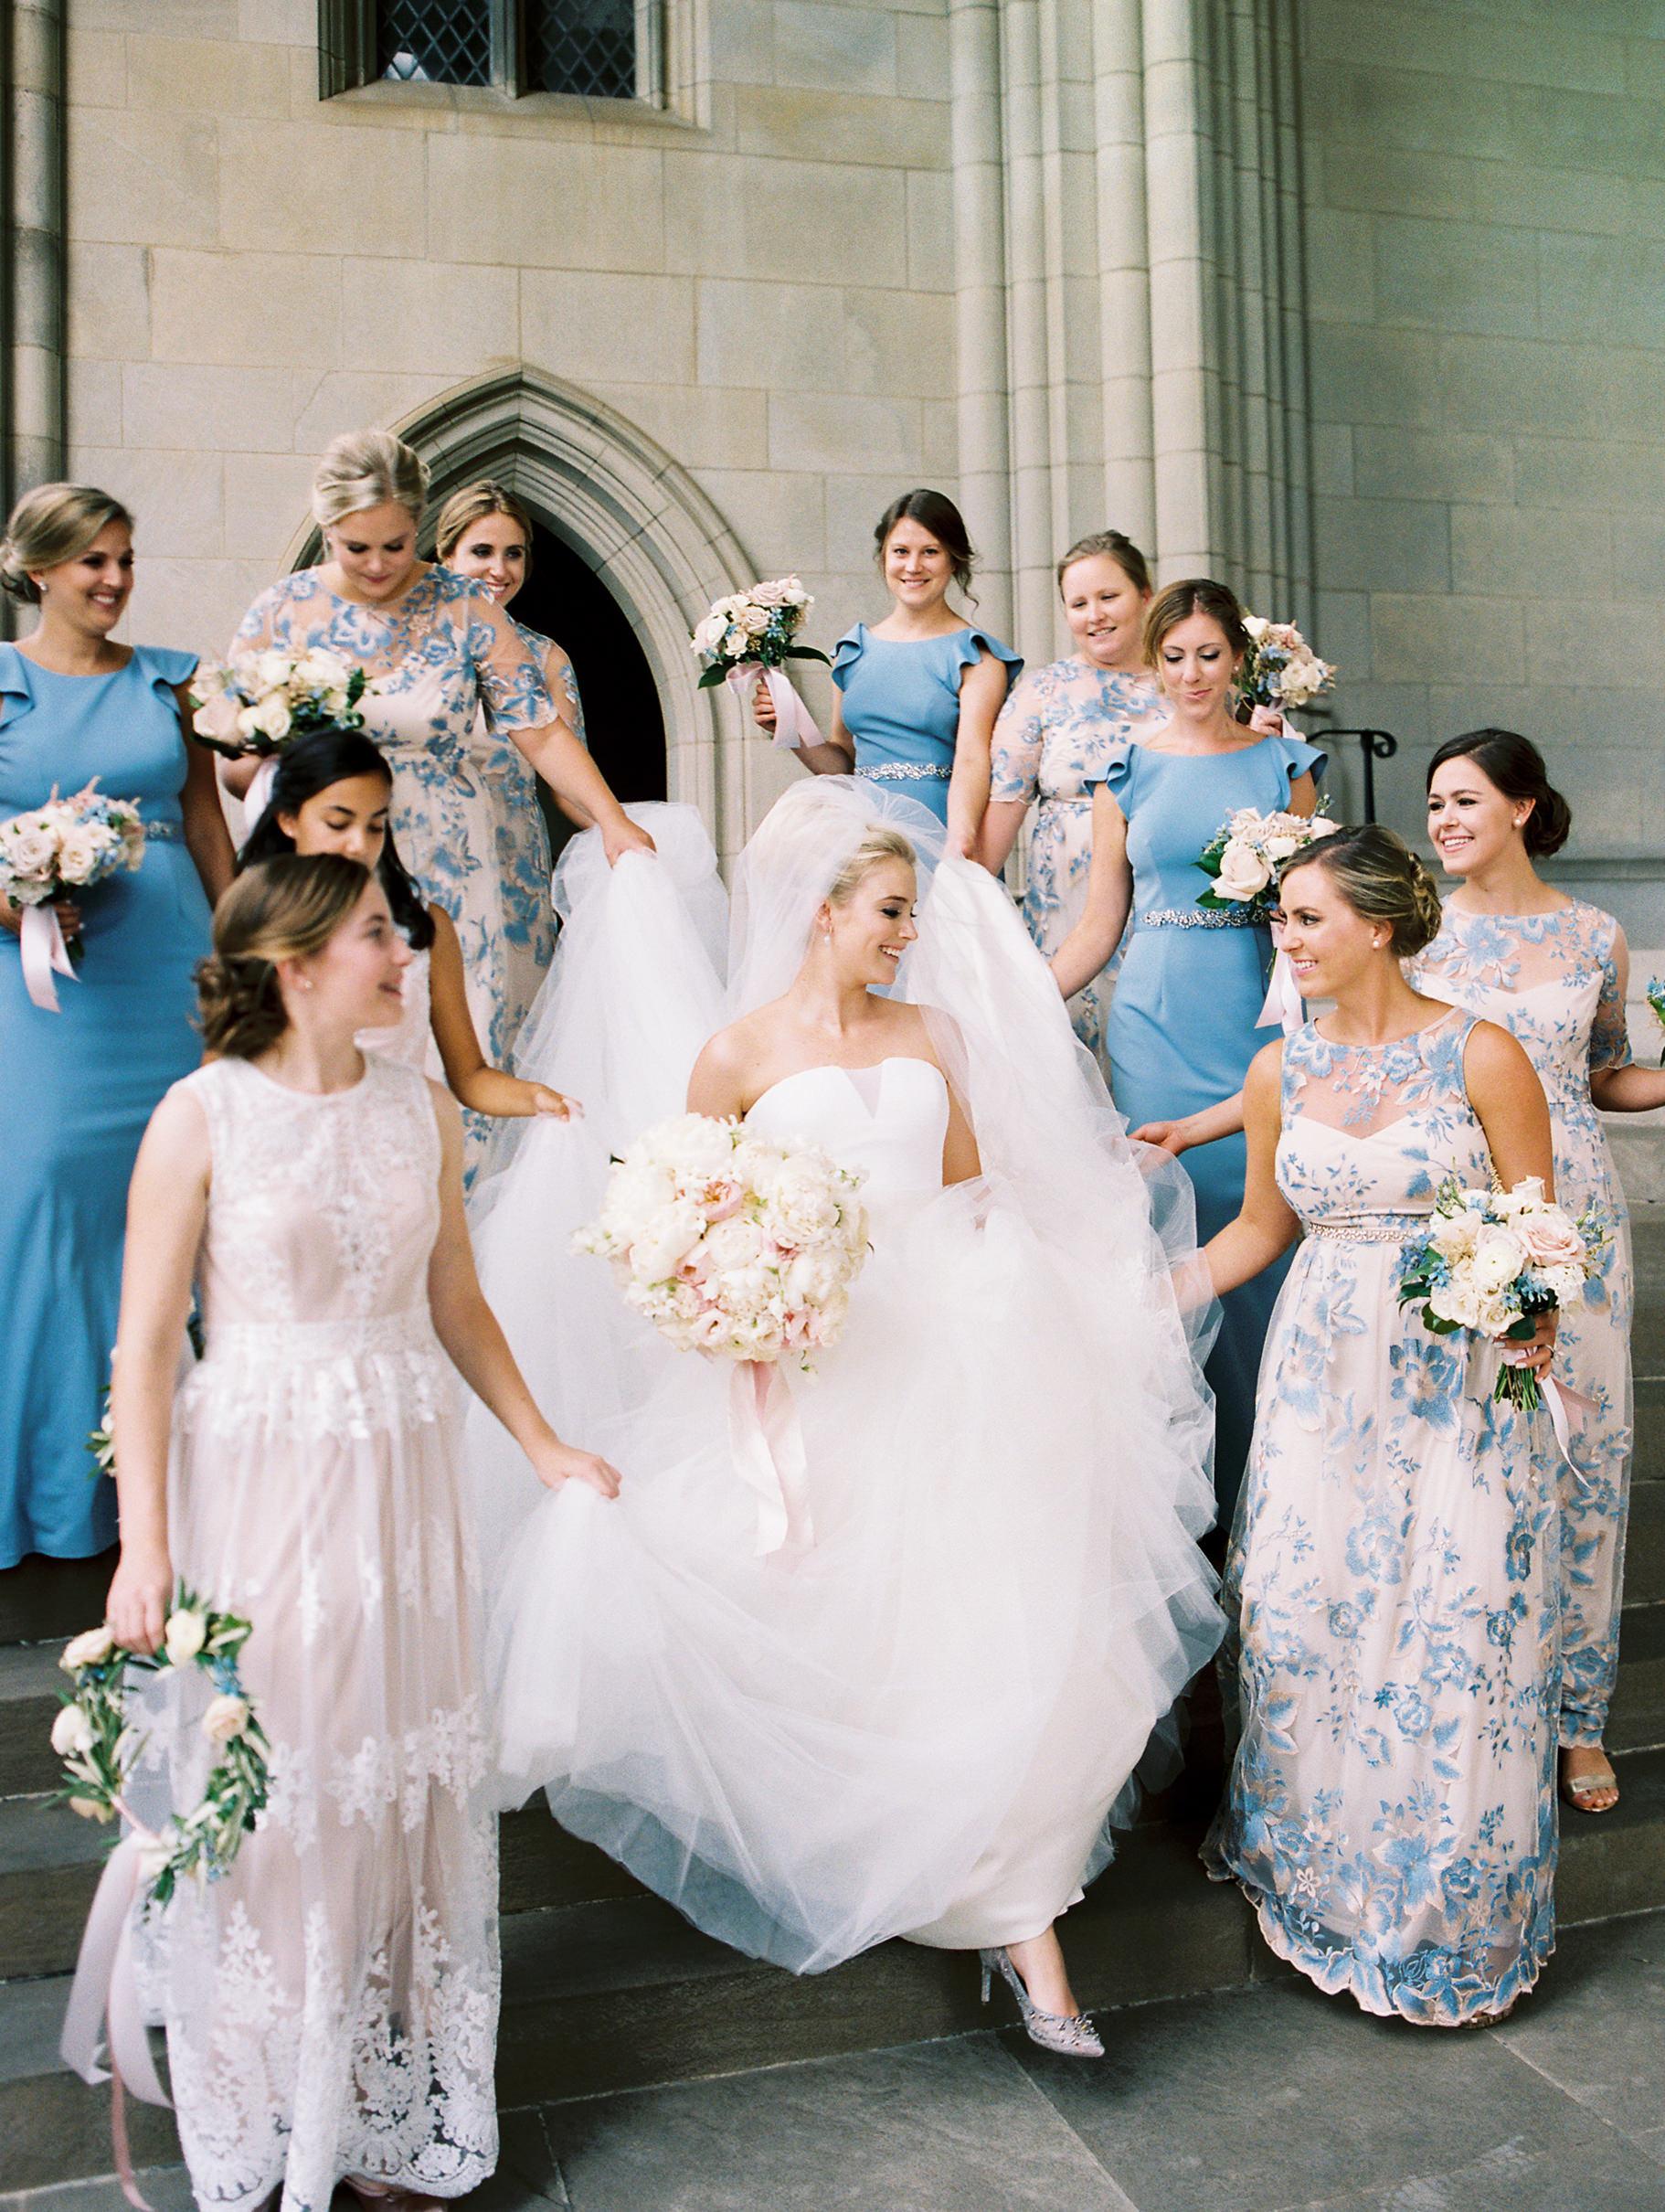 bride with junior bridesmaids and bridesmaids bridal party